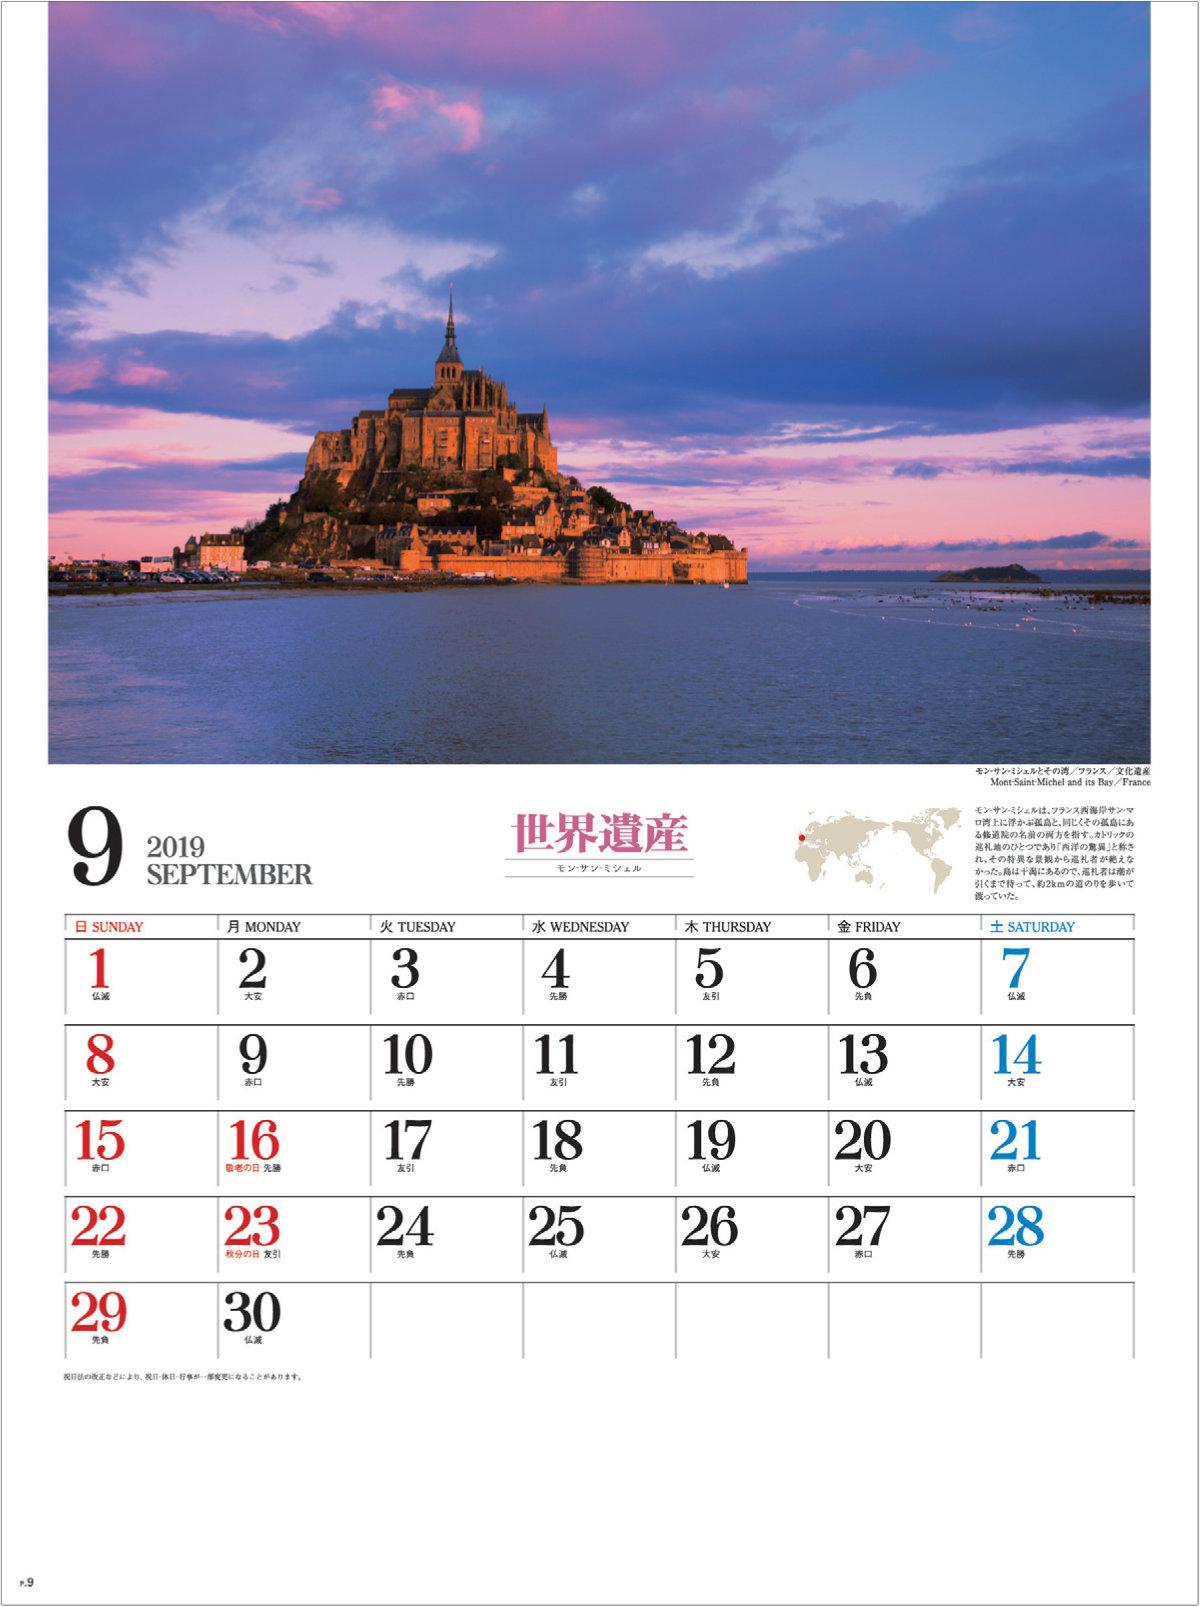 画像:フランスのモン・サン・ミシェル ユネスコ世界遺産 2019年カレンダー